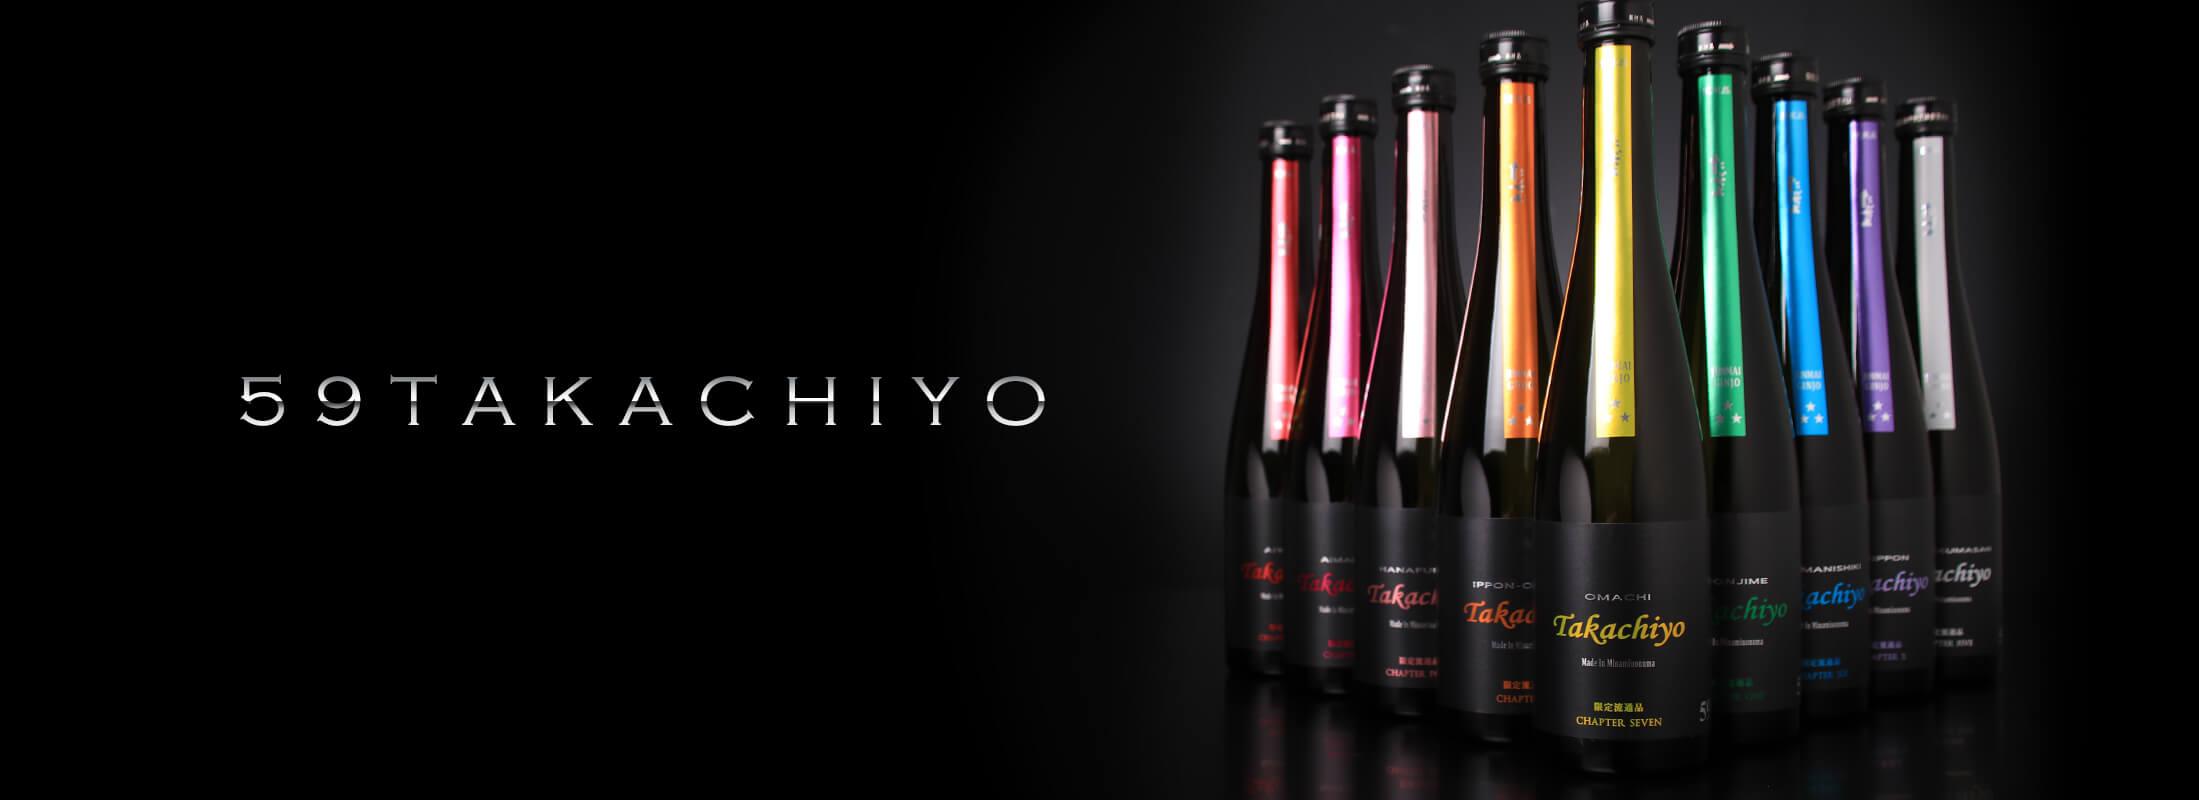 「Takatiyo」全国の酒米を使用し、精米歩合を59%に統一